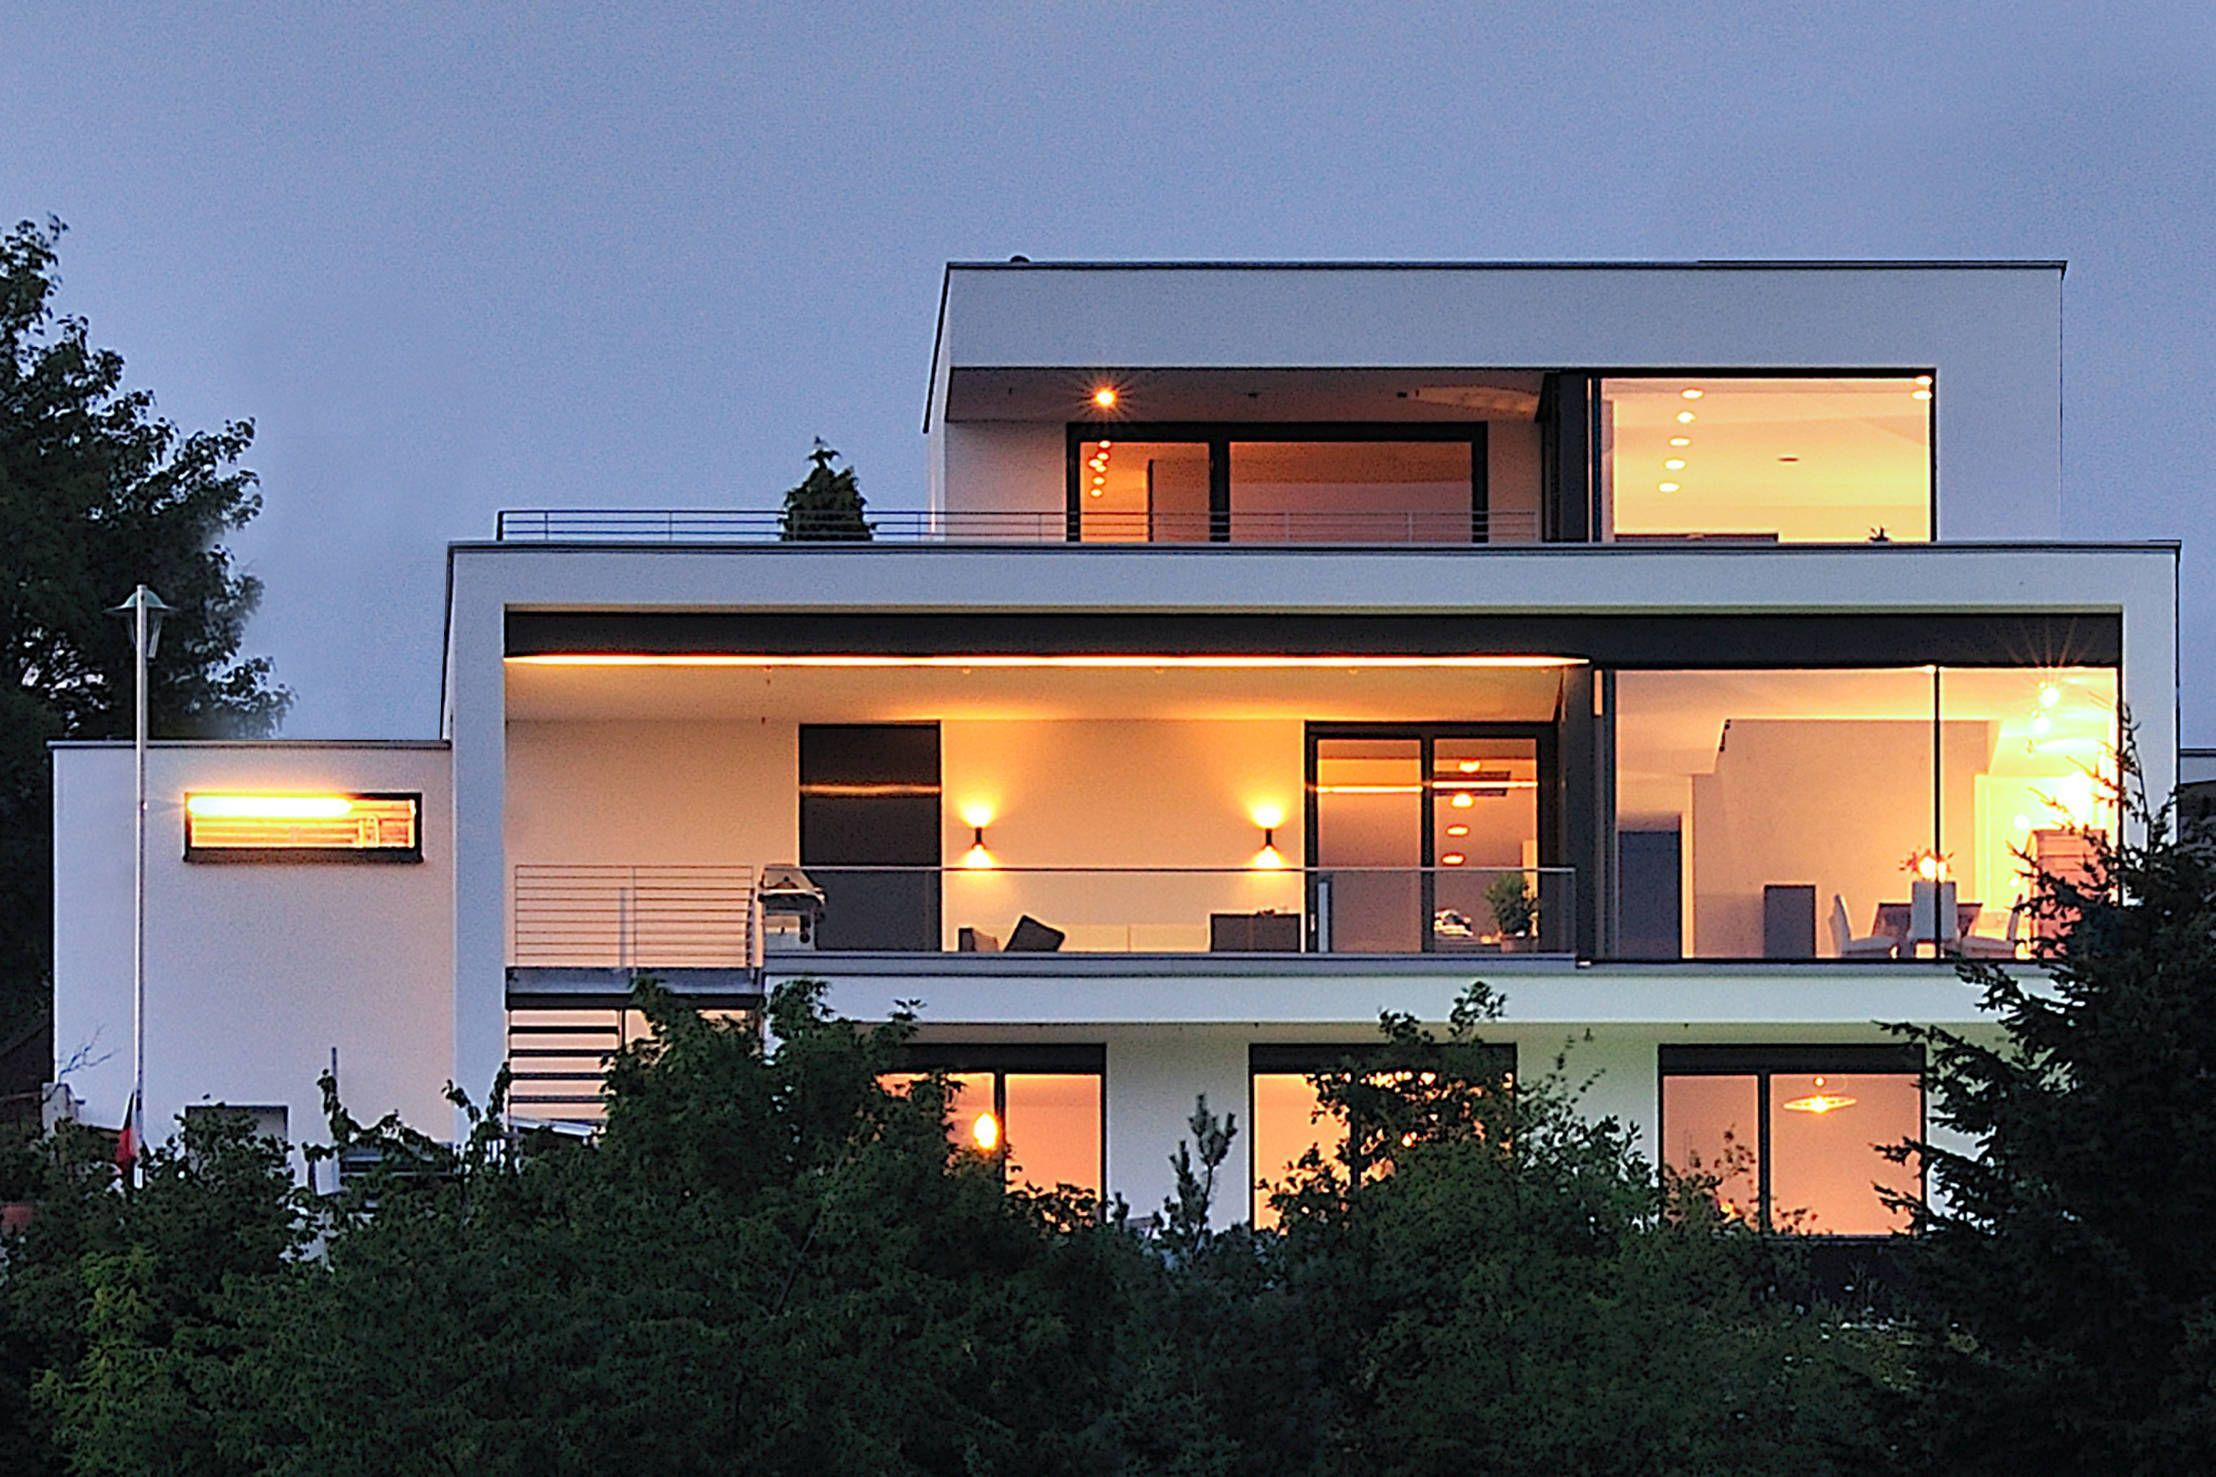 Hausbau moderner baustil  Traumhaus in Traumlage | Traumhäuser, Architektur und Moderne ...